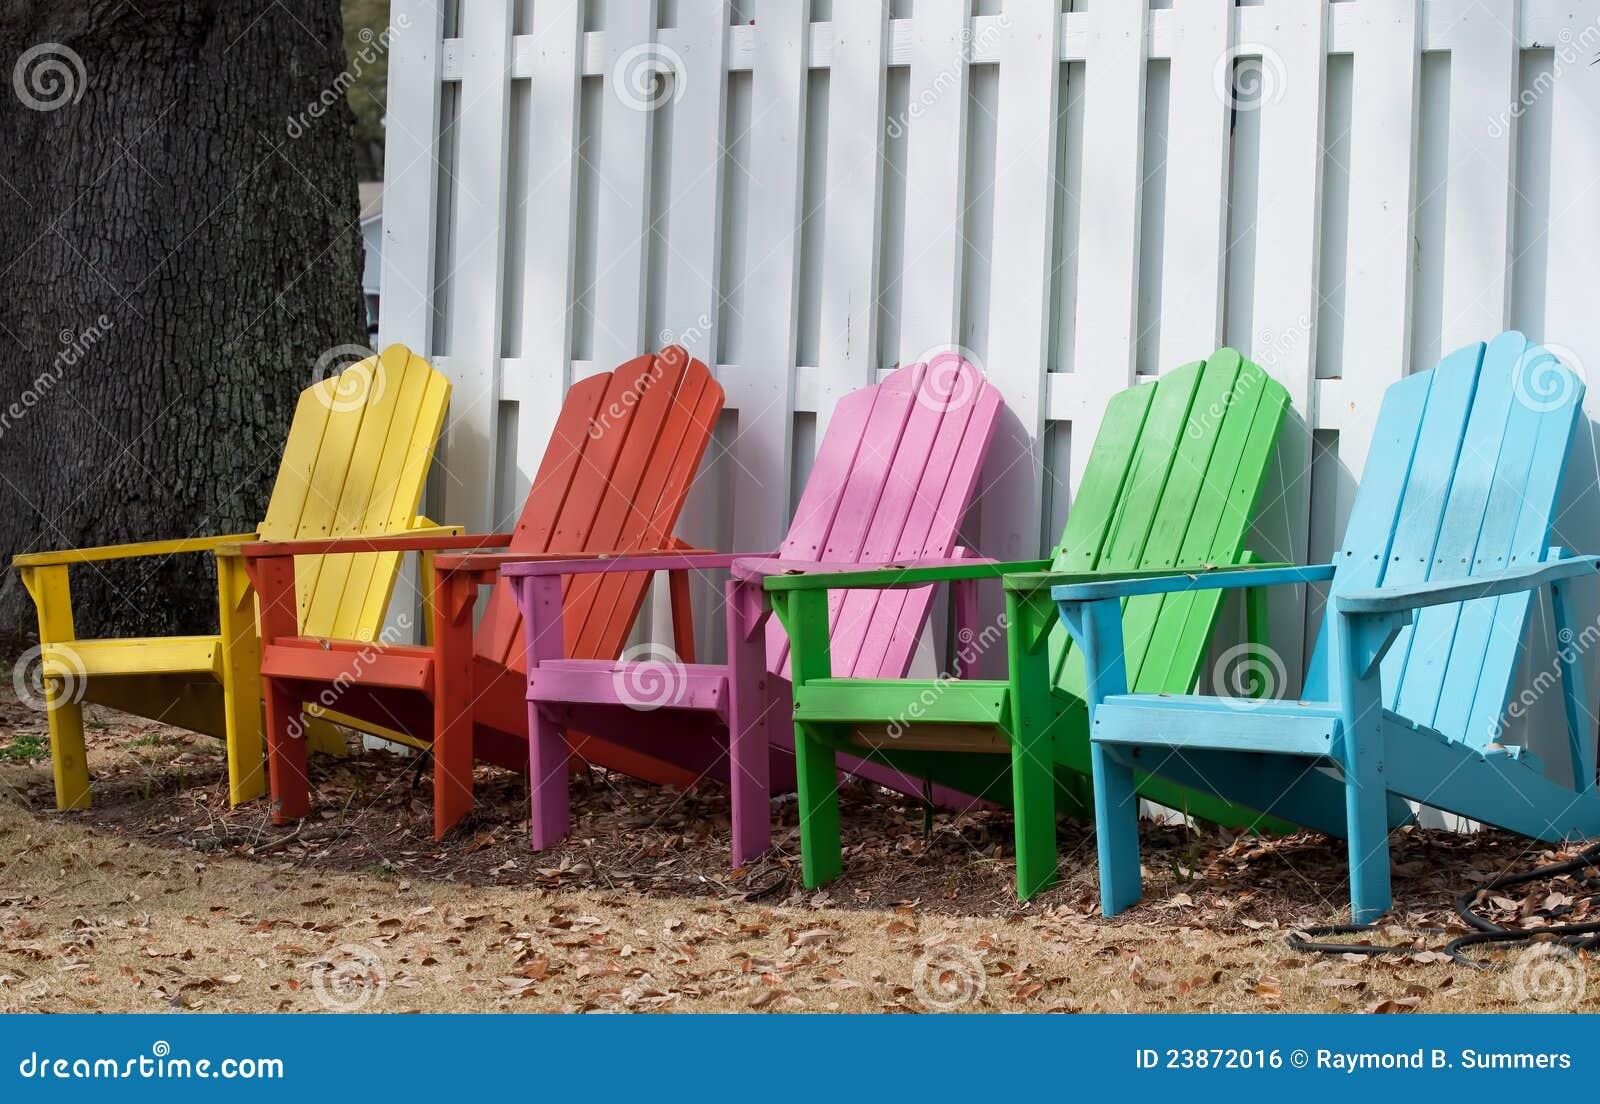 Sillas en colores pastel foto de archivo imagen de resto - Sillas colores ...